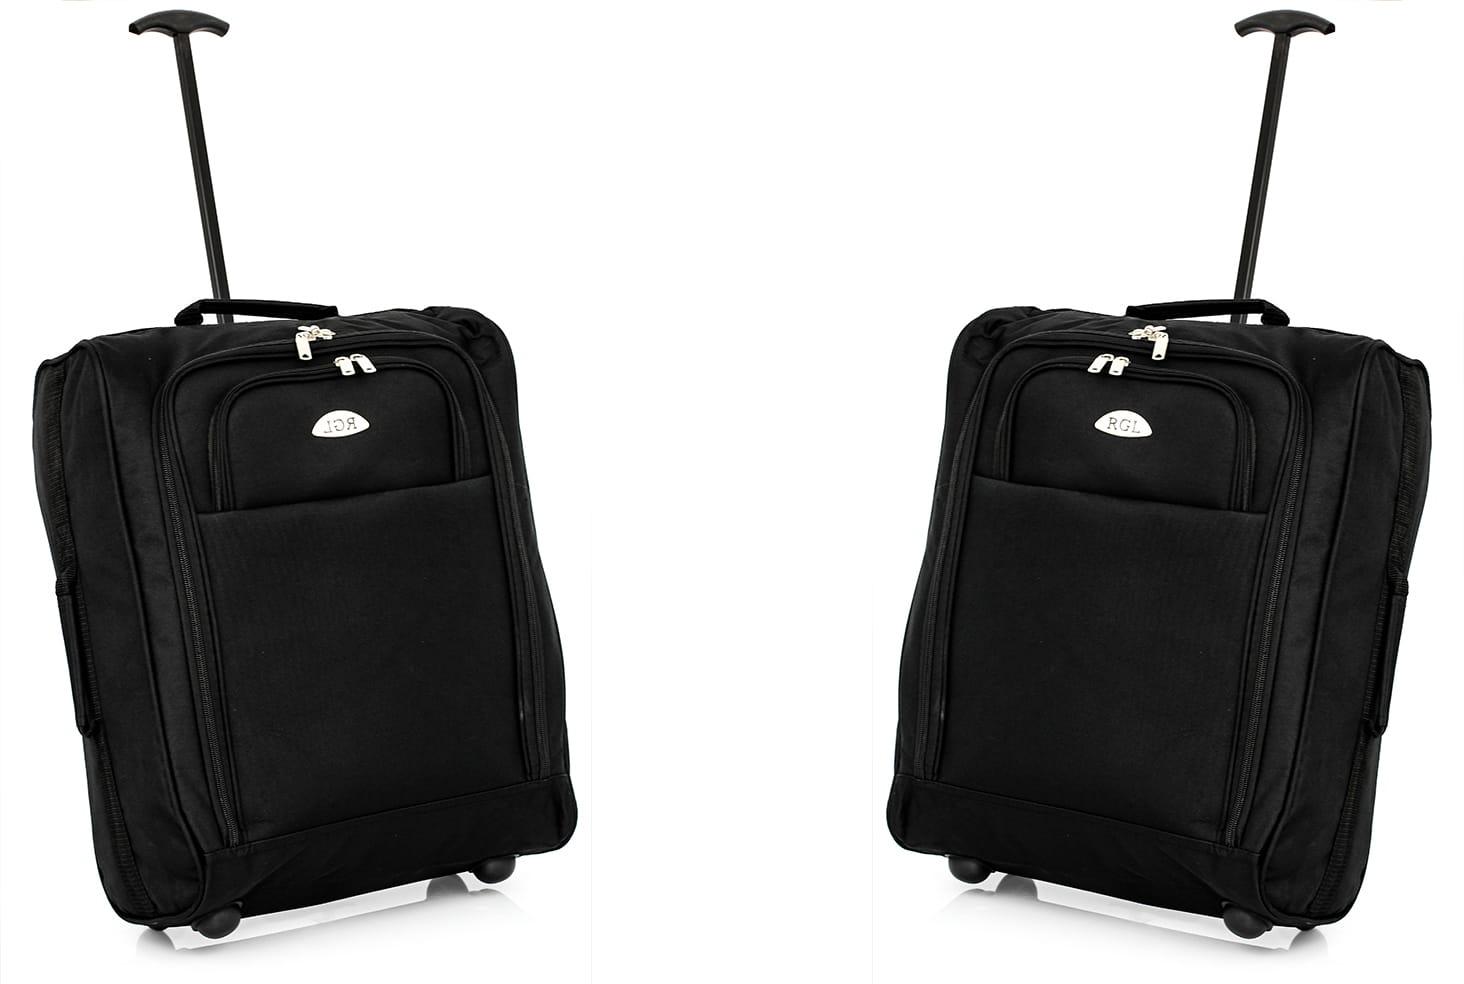 28849d2ff9b86 Plecak walizka RYANAIR 55x40x20x REVERSE - Mamy to, czego szukasz